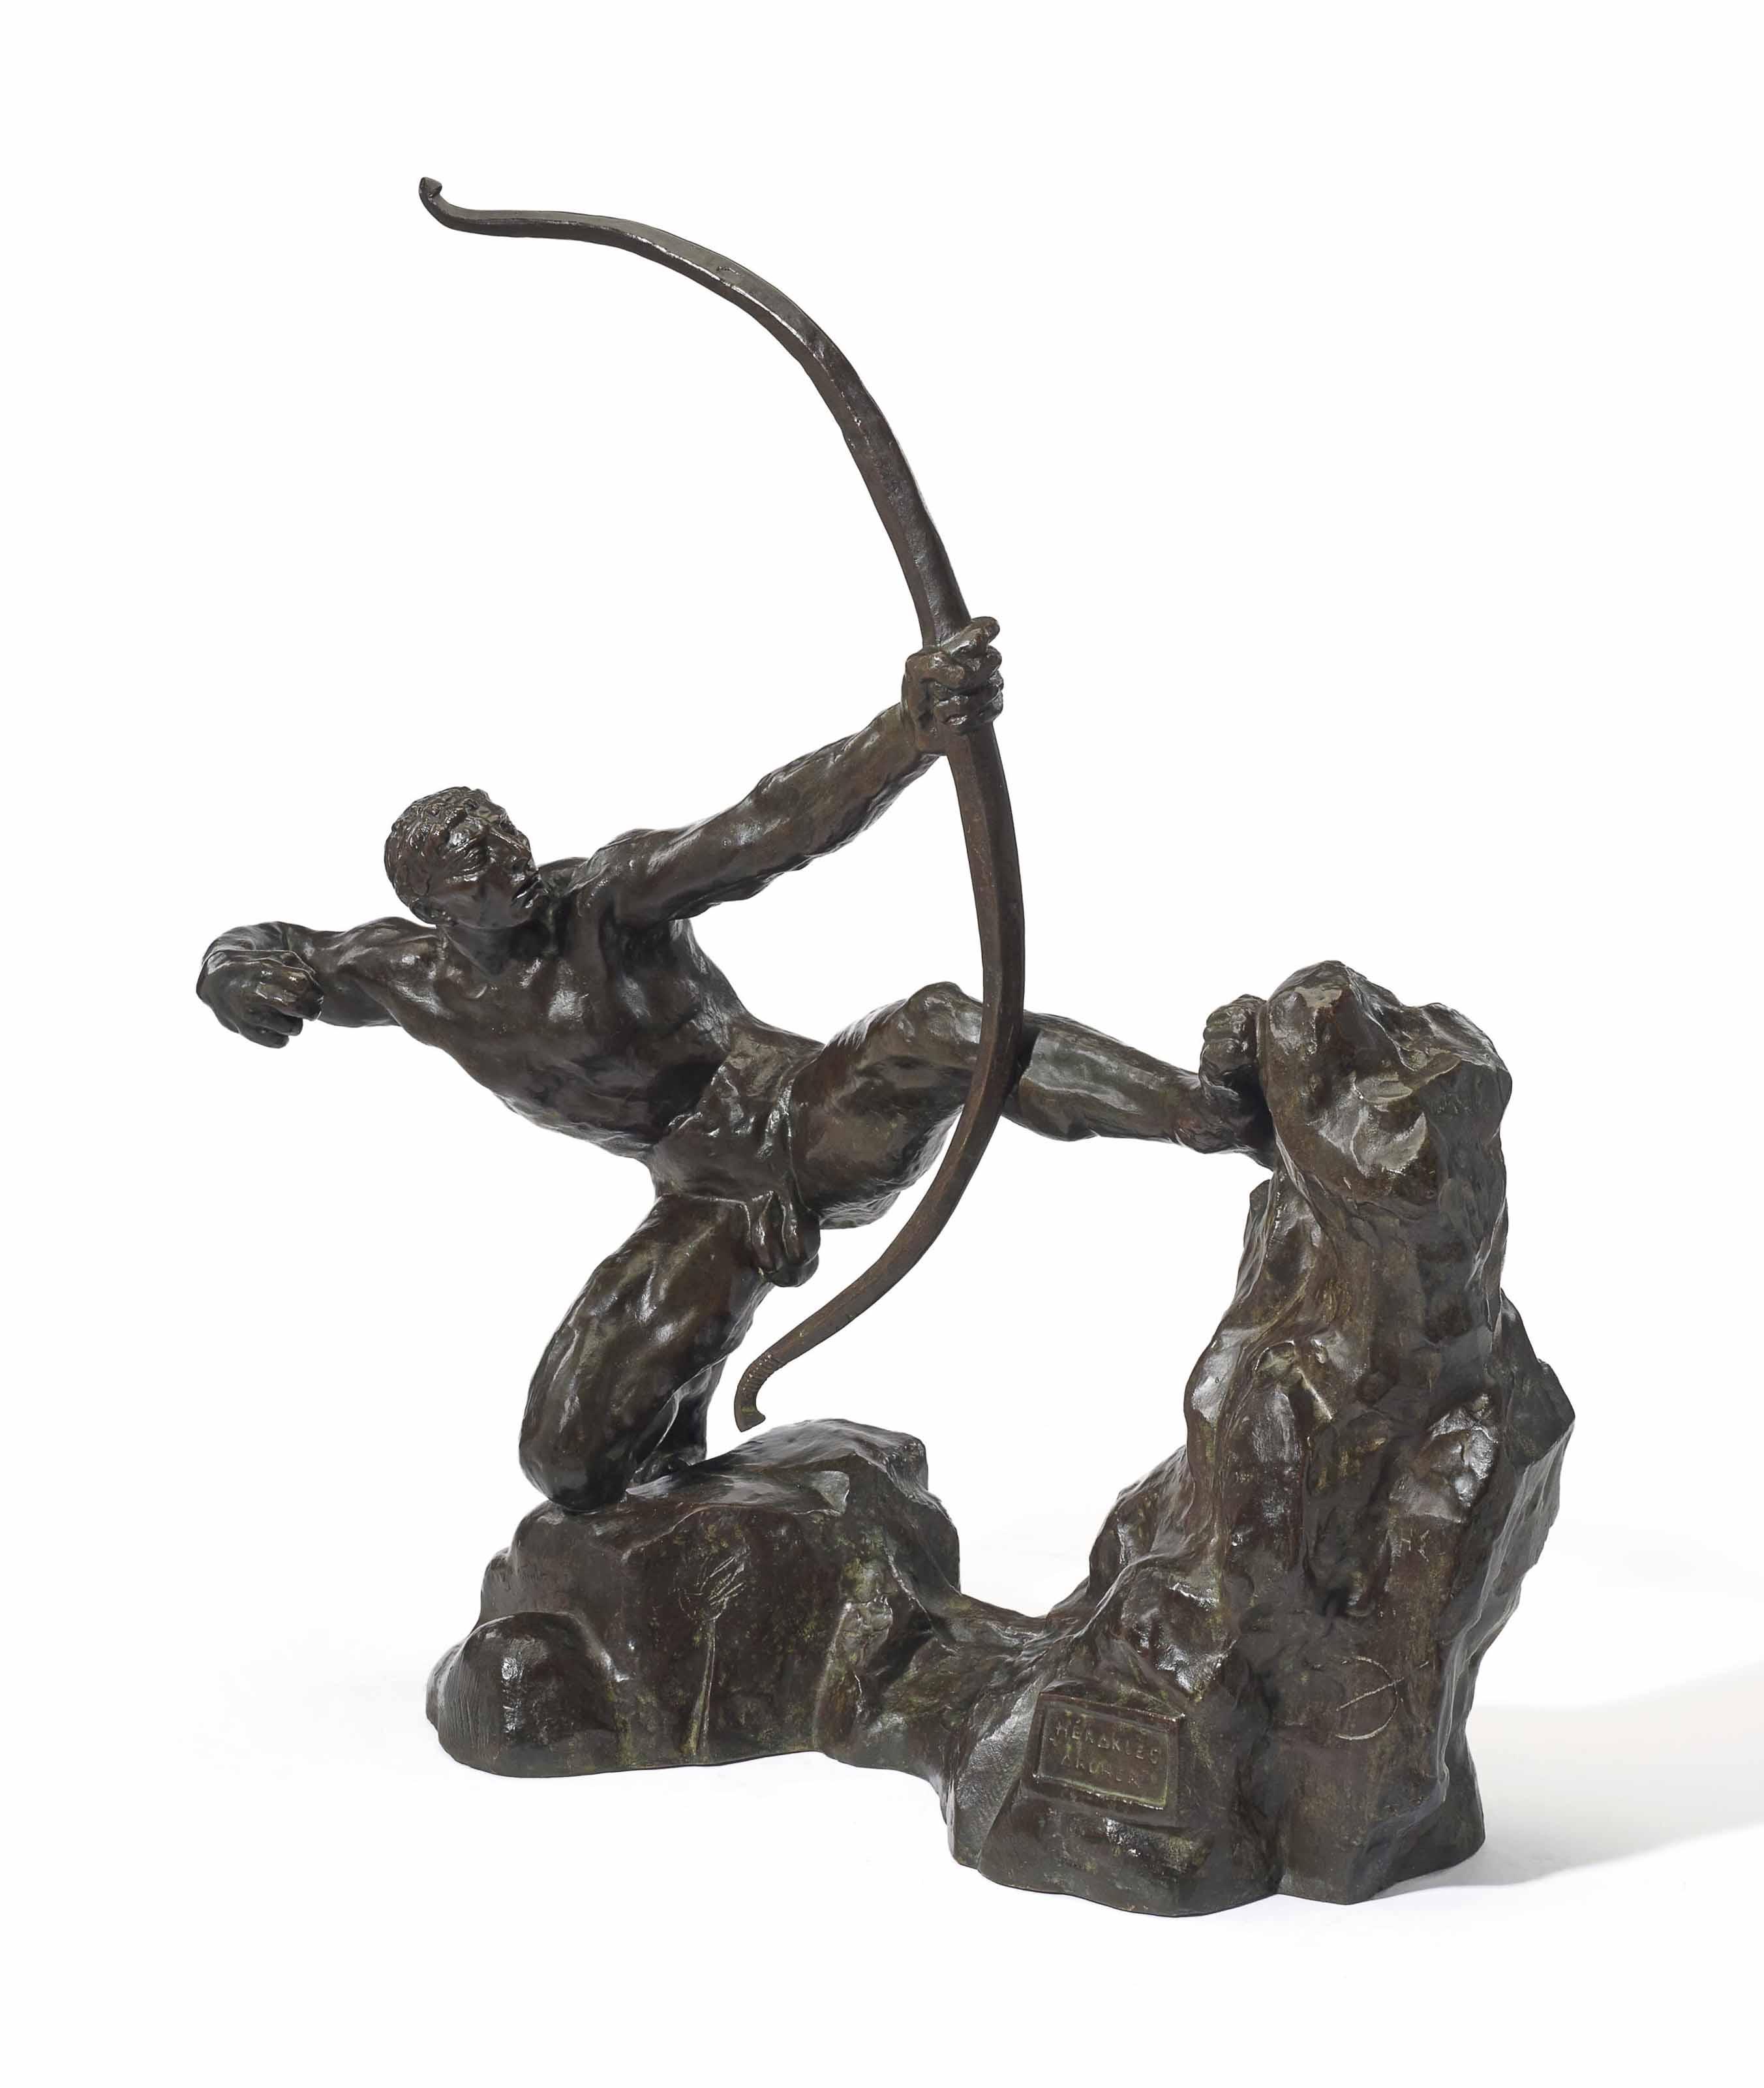 """Héraklès archer, huitième étude dite """"modèle intermédiaire définitif"""""""